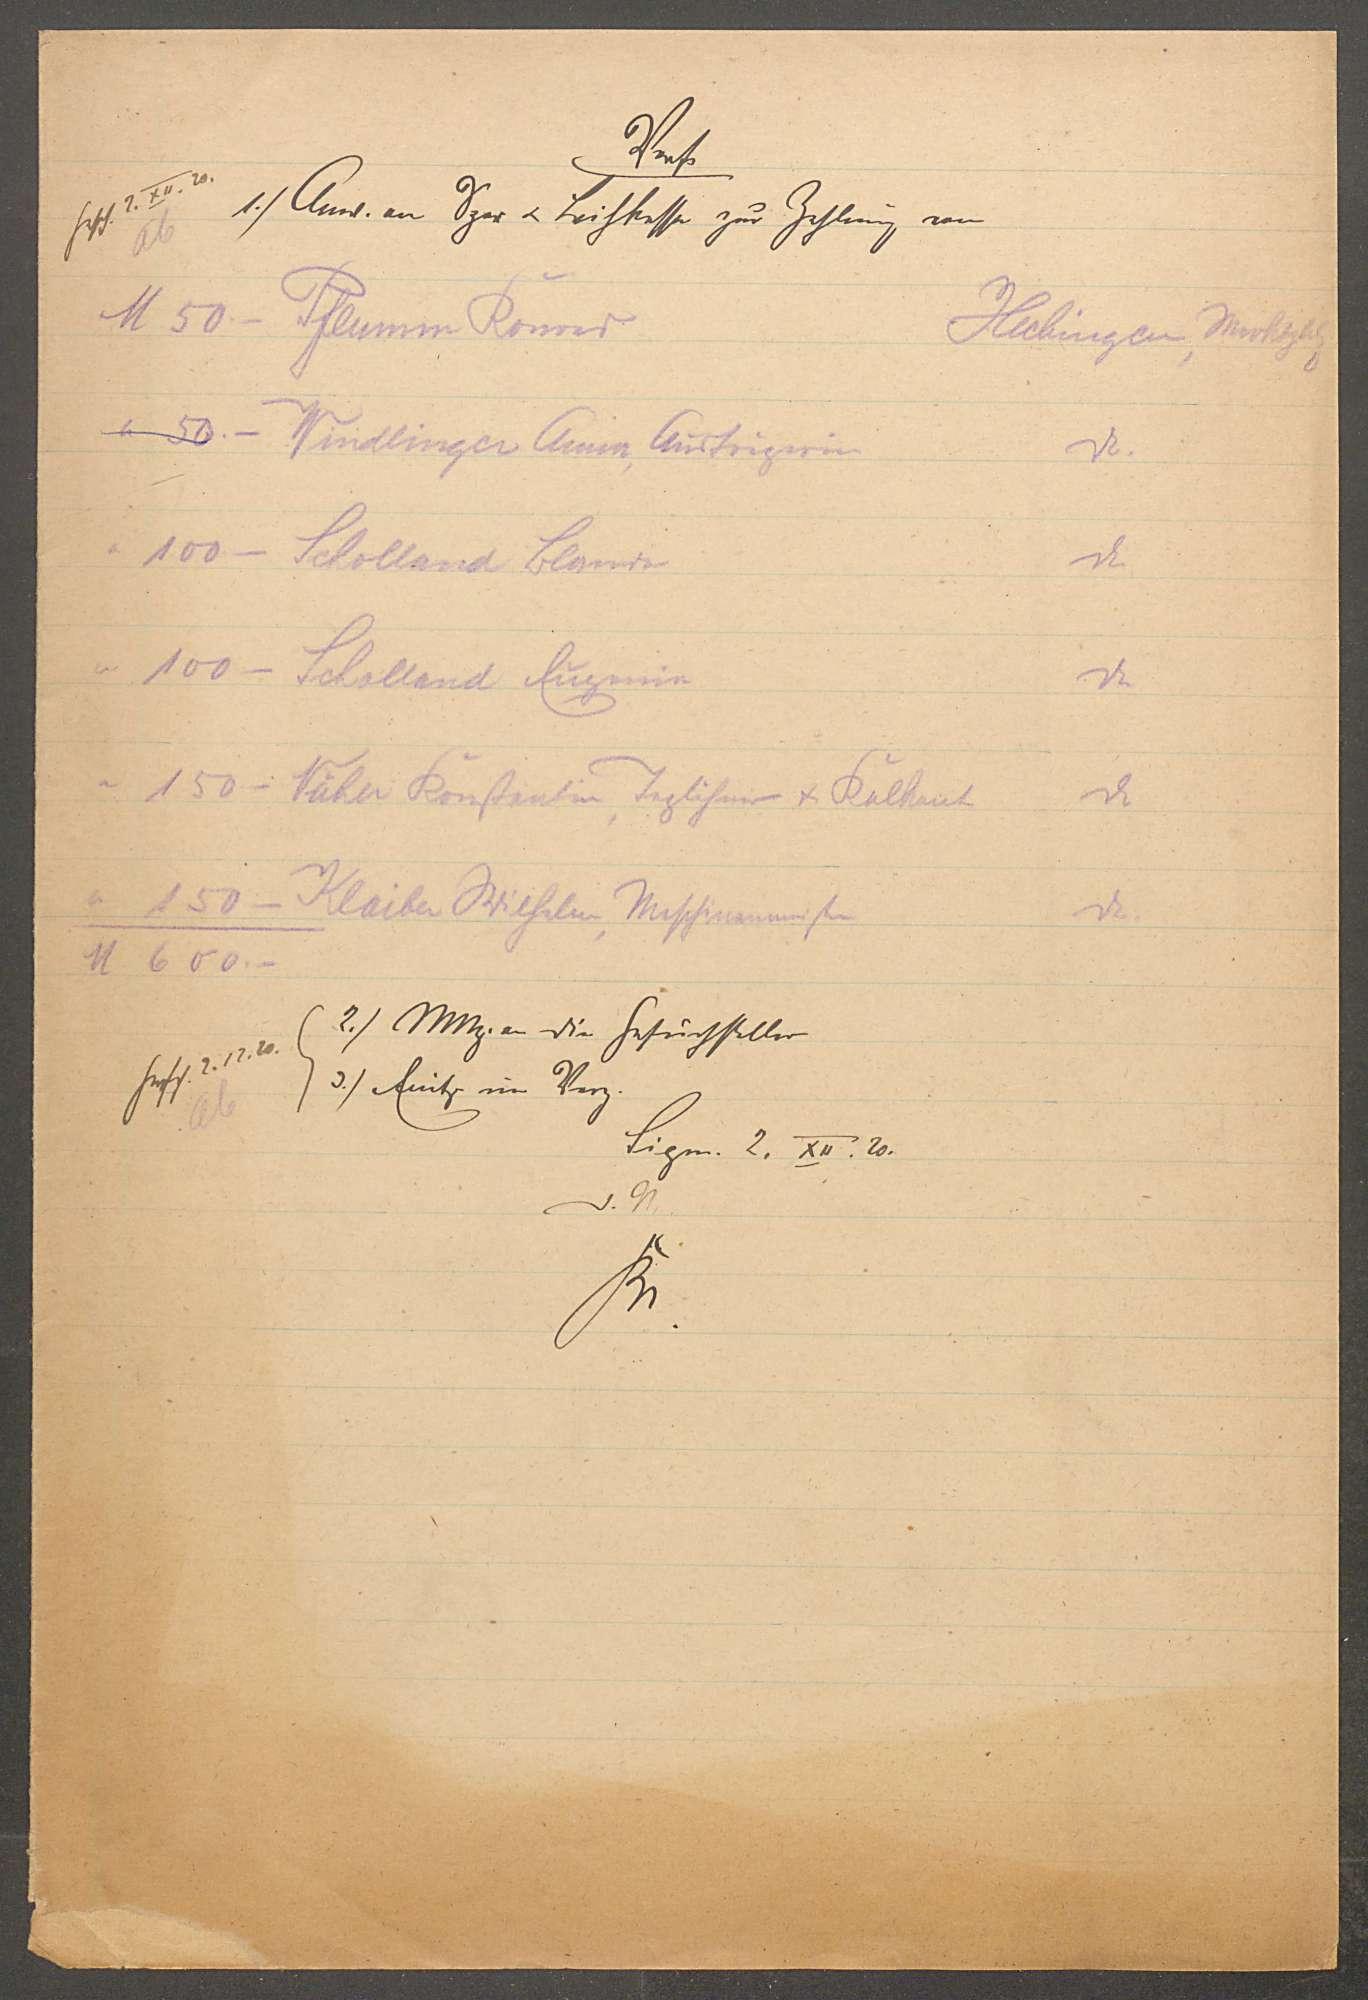 Fürst Wilhelm-Spende zu Gunsten der durch den Krieg Geschädigten in Hechingen - Bd. 1, Bild 2